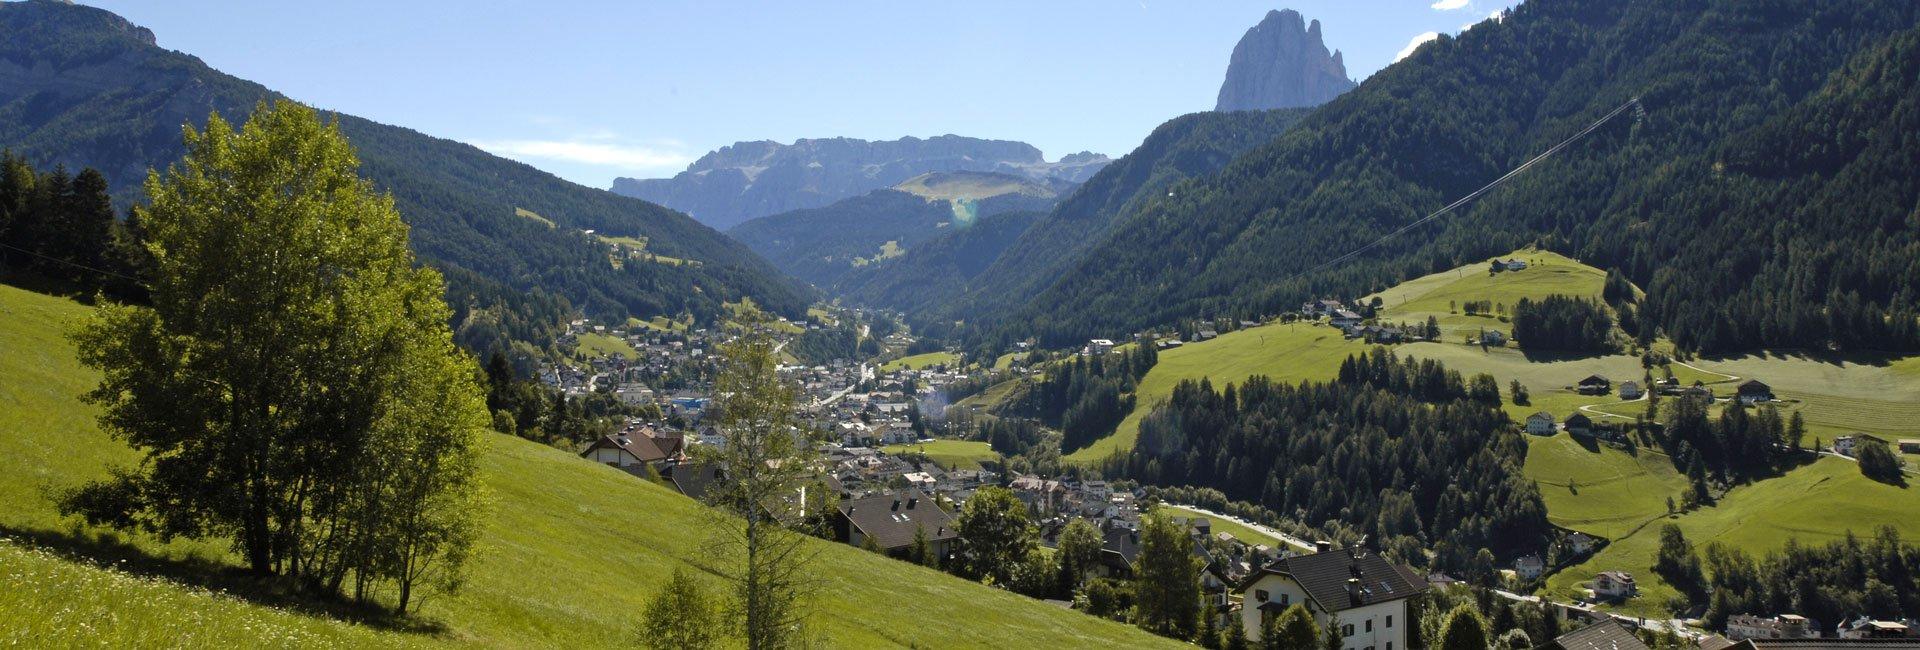 Escursioni in Val Gardena: sperimentare una regione varia ...